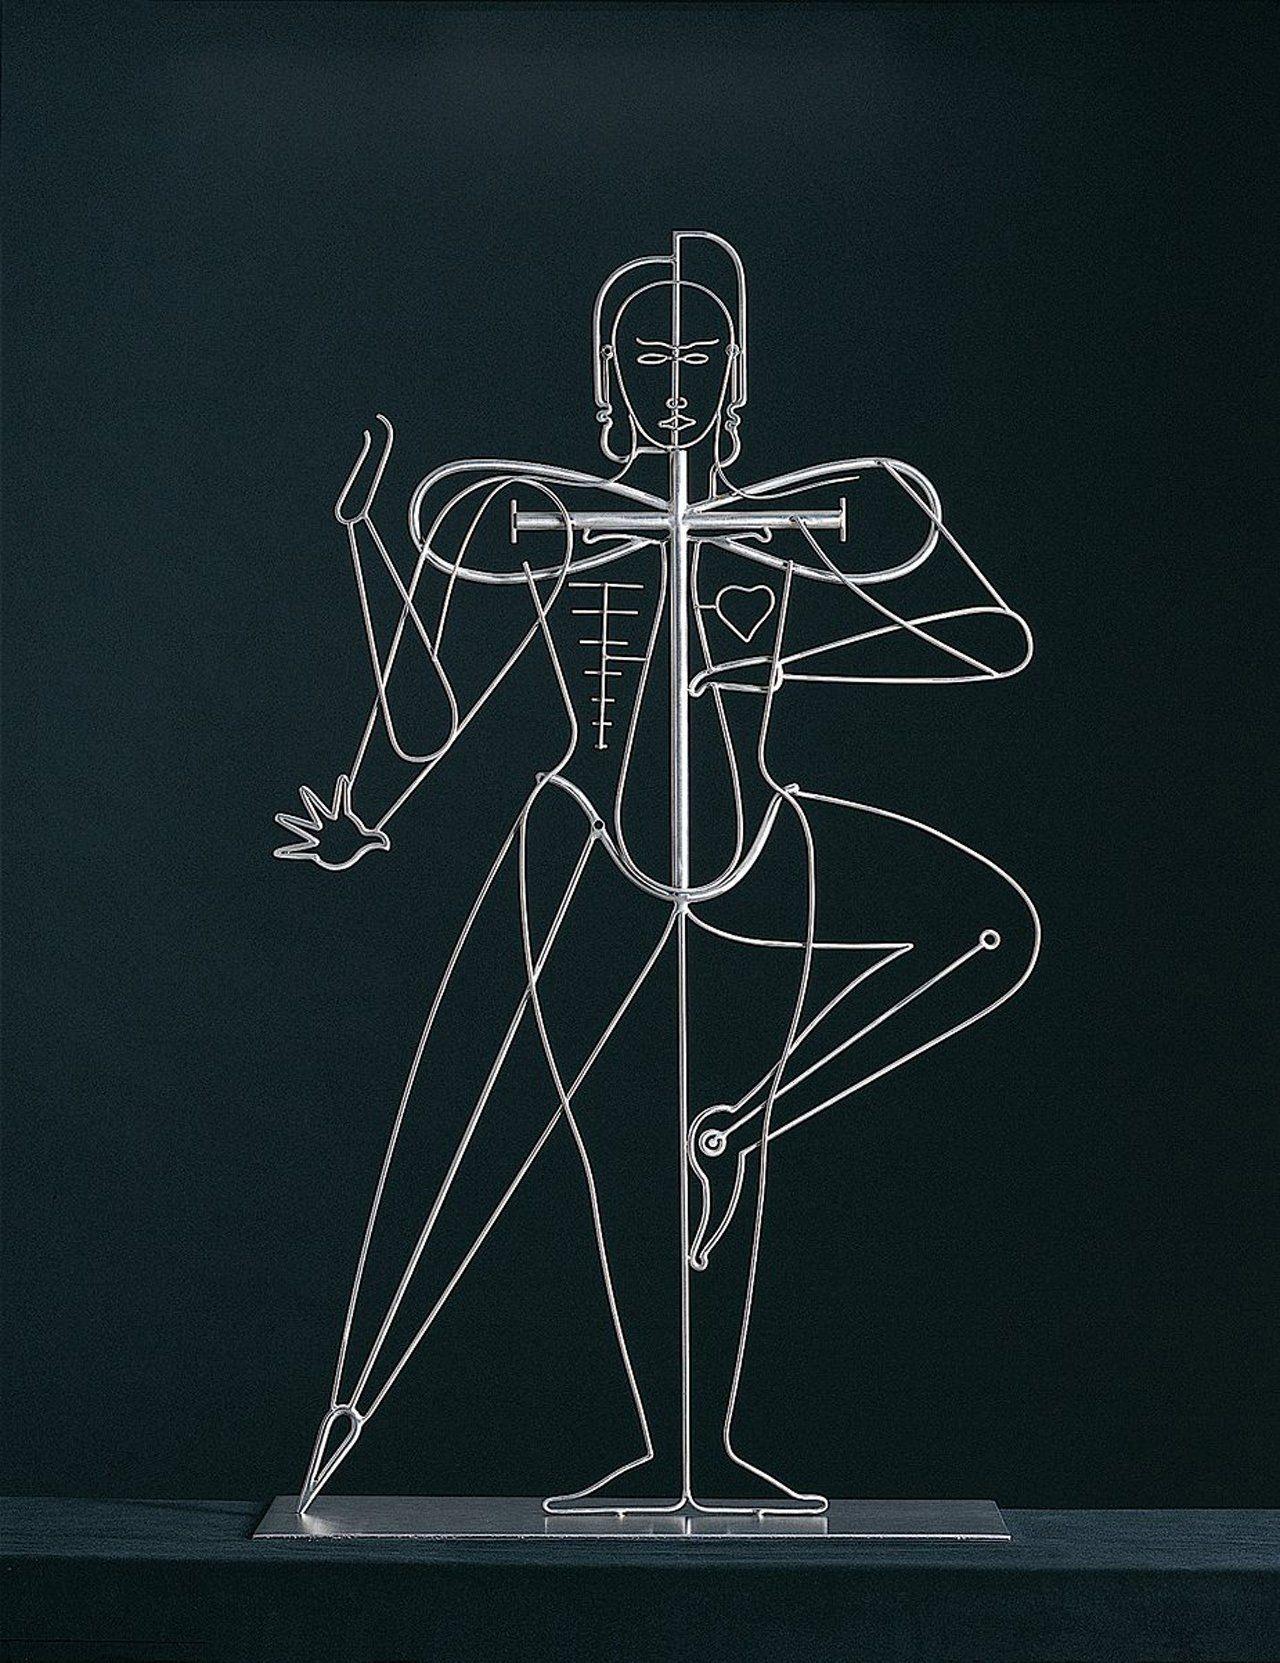 О. Шлеммер. Линии в человеке, 1924(1986)